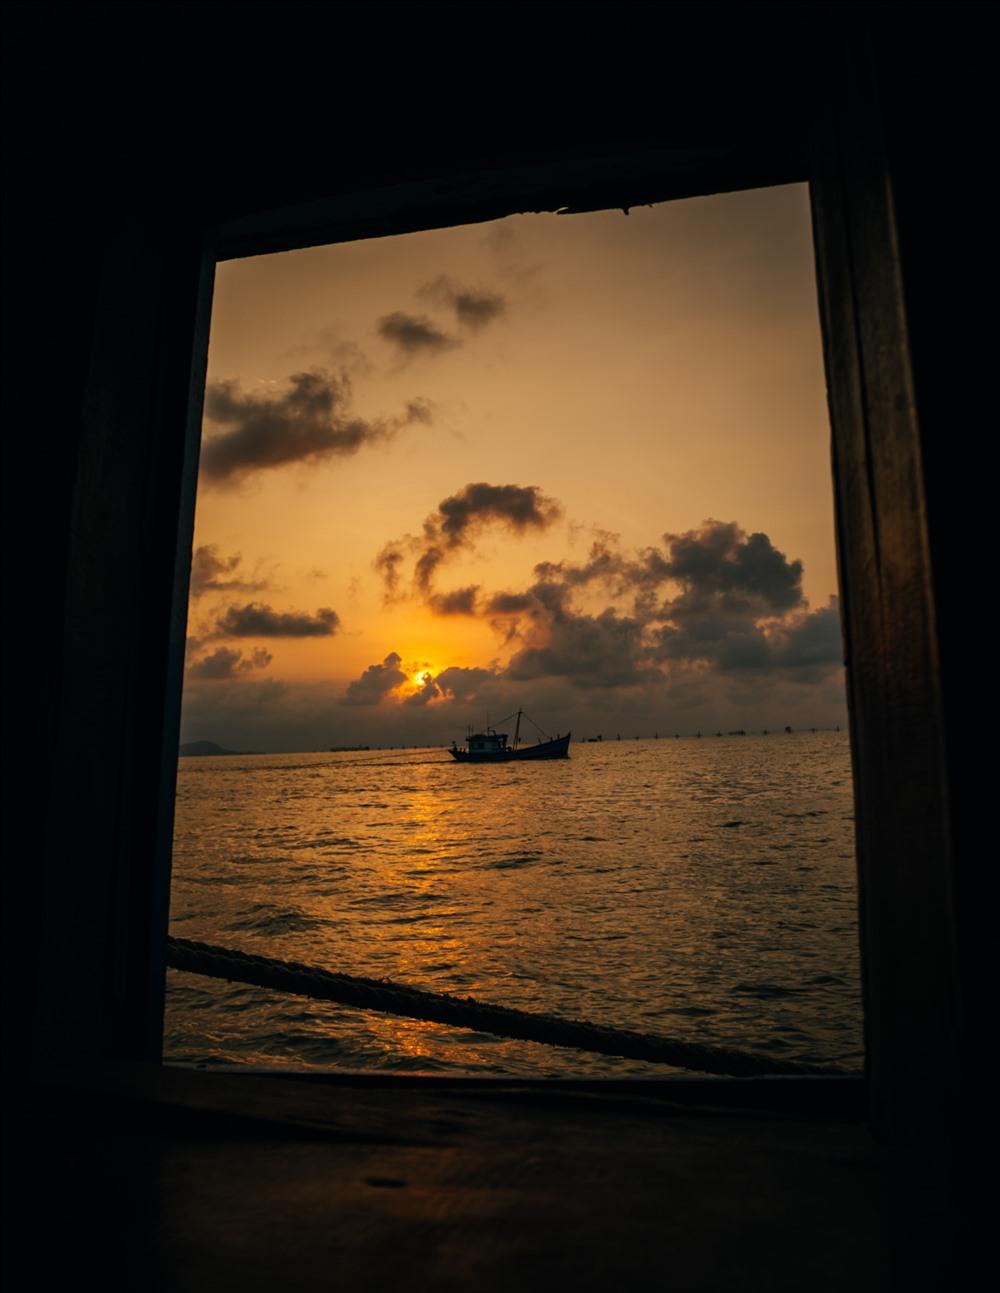 : Thuyển ra khơi khi chân mây ửng hồng, vì đây là đánh lưới đôi nên khi ra khơi sẽ có hai chiếc thuyền, mỗi chiếc cầm một đầu lưới đi song song nhau ….Hai chiếc thuyền như đôi song mã cưỡi song ra khơi…